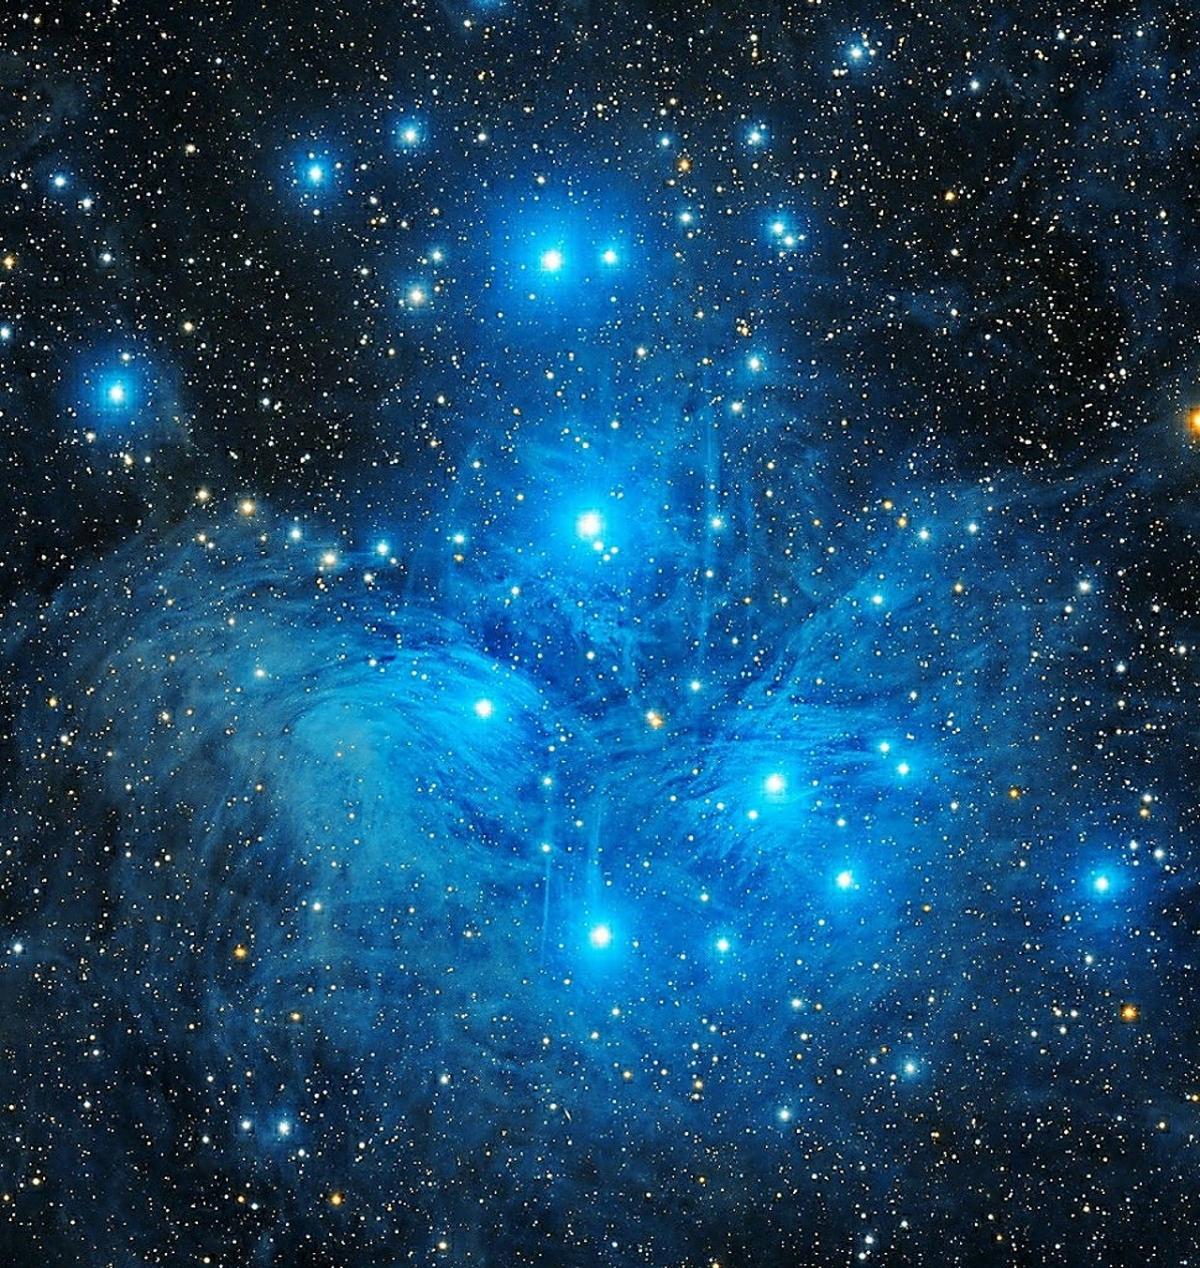 Những hình ảnh ấn tượng khiến chúng ta trầm trồ về vẻ đẹp của vũ trụ - Ảnh 14.